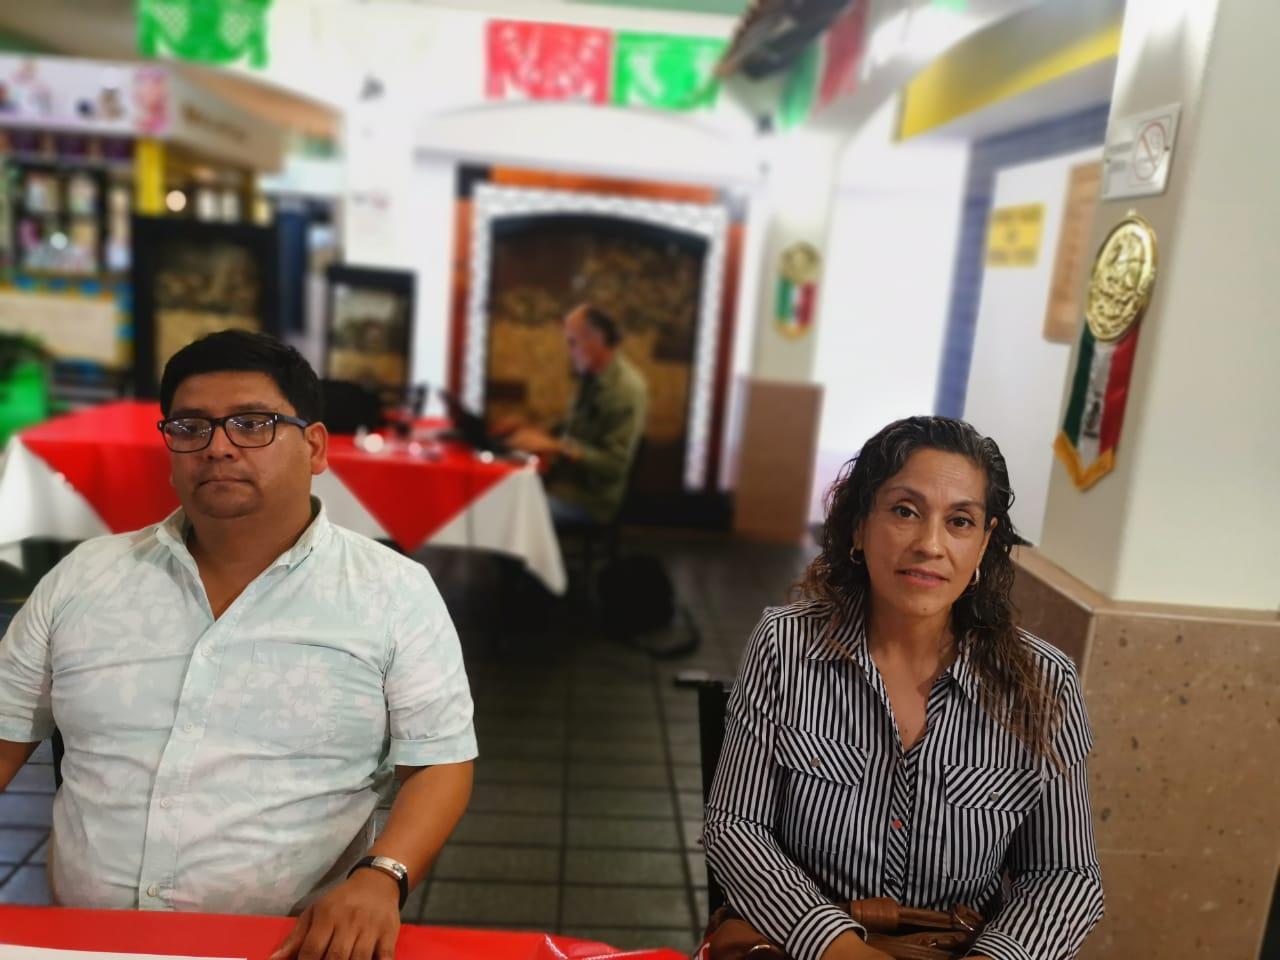 Amenazan con convertir puesto fantasma a San Felipe, advierten pescadores – Tijuana En Linea Noticias